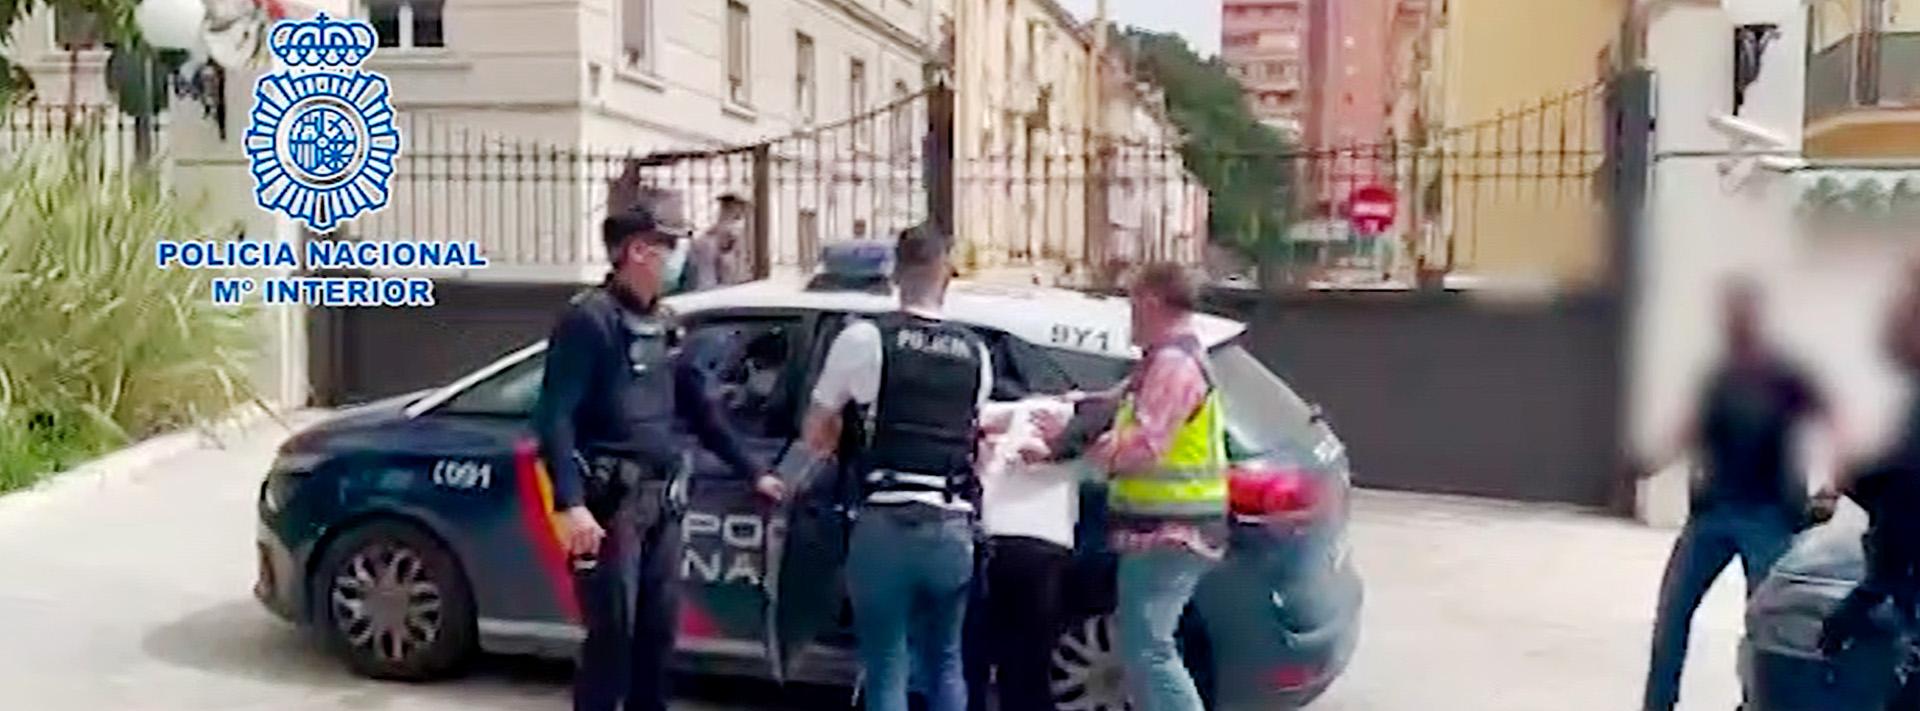 Detenido el presunto responsable de la muerte de un disc jockey en una fiesta ilegal en Guadalmina